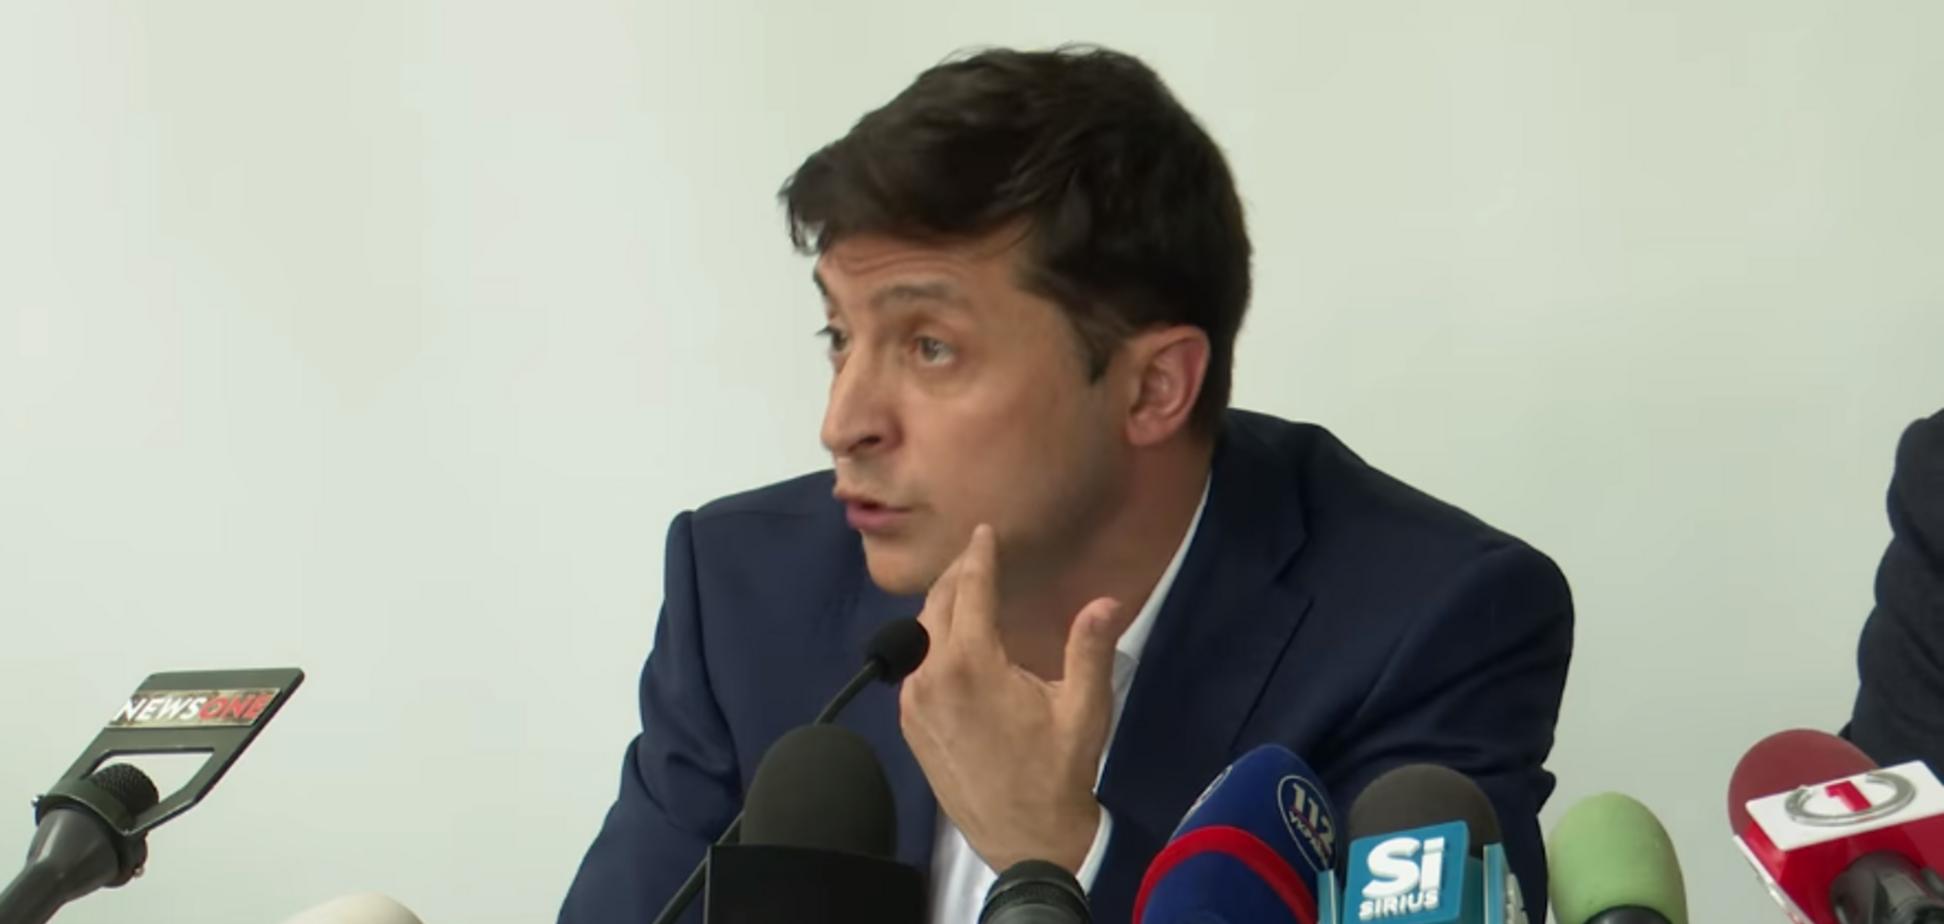 'Мычание уже вот тут стоит': Зеленский устроил разнос таможенникам на Закарпатье